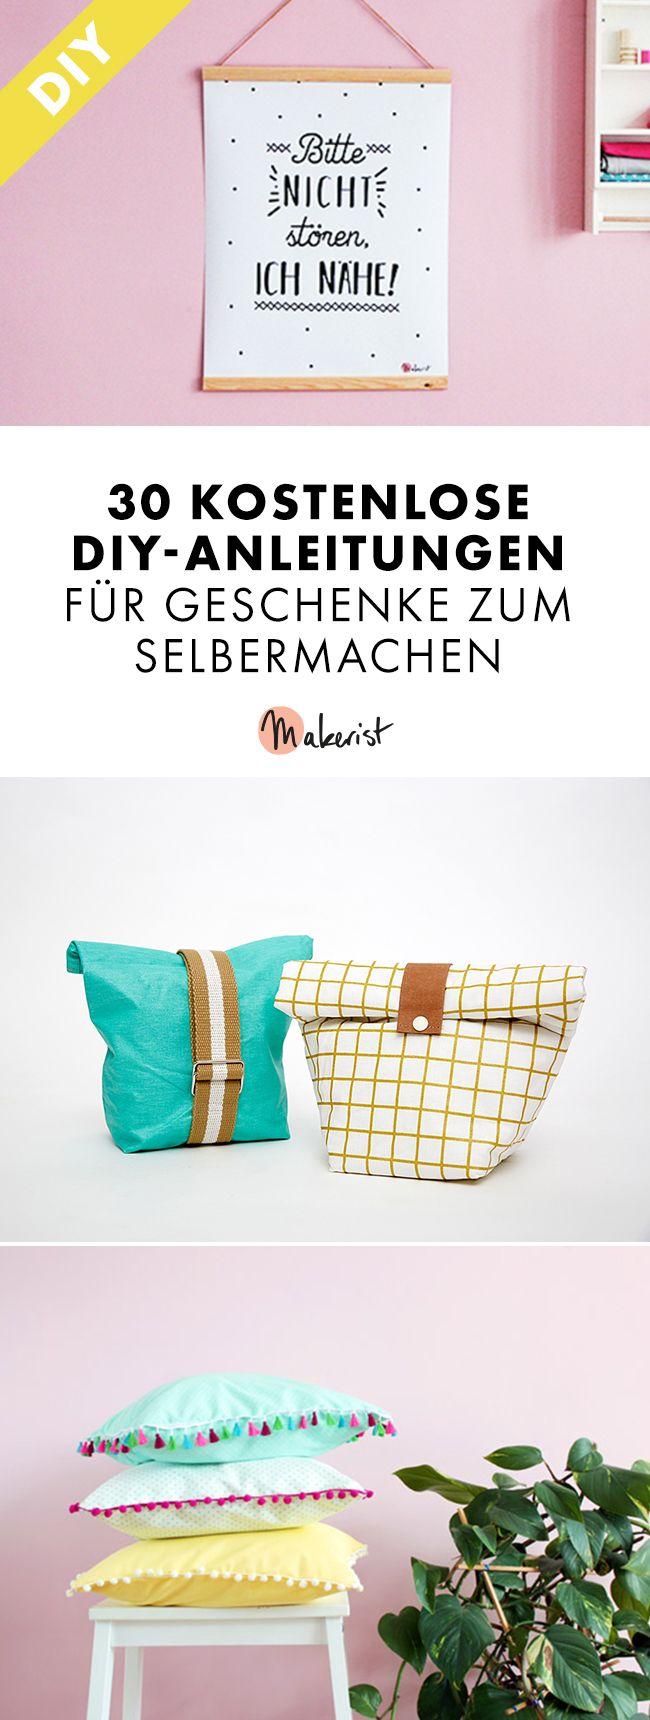 30 kostenlose diy anleitungen für geschenke zum selbermachen pin (5)